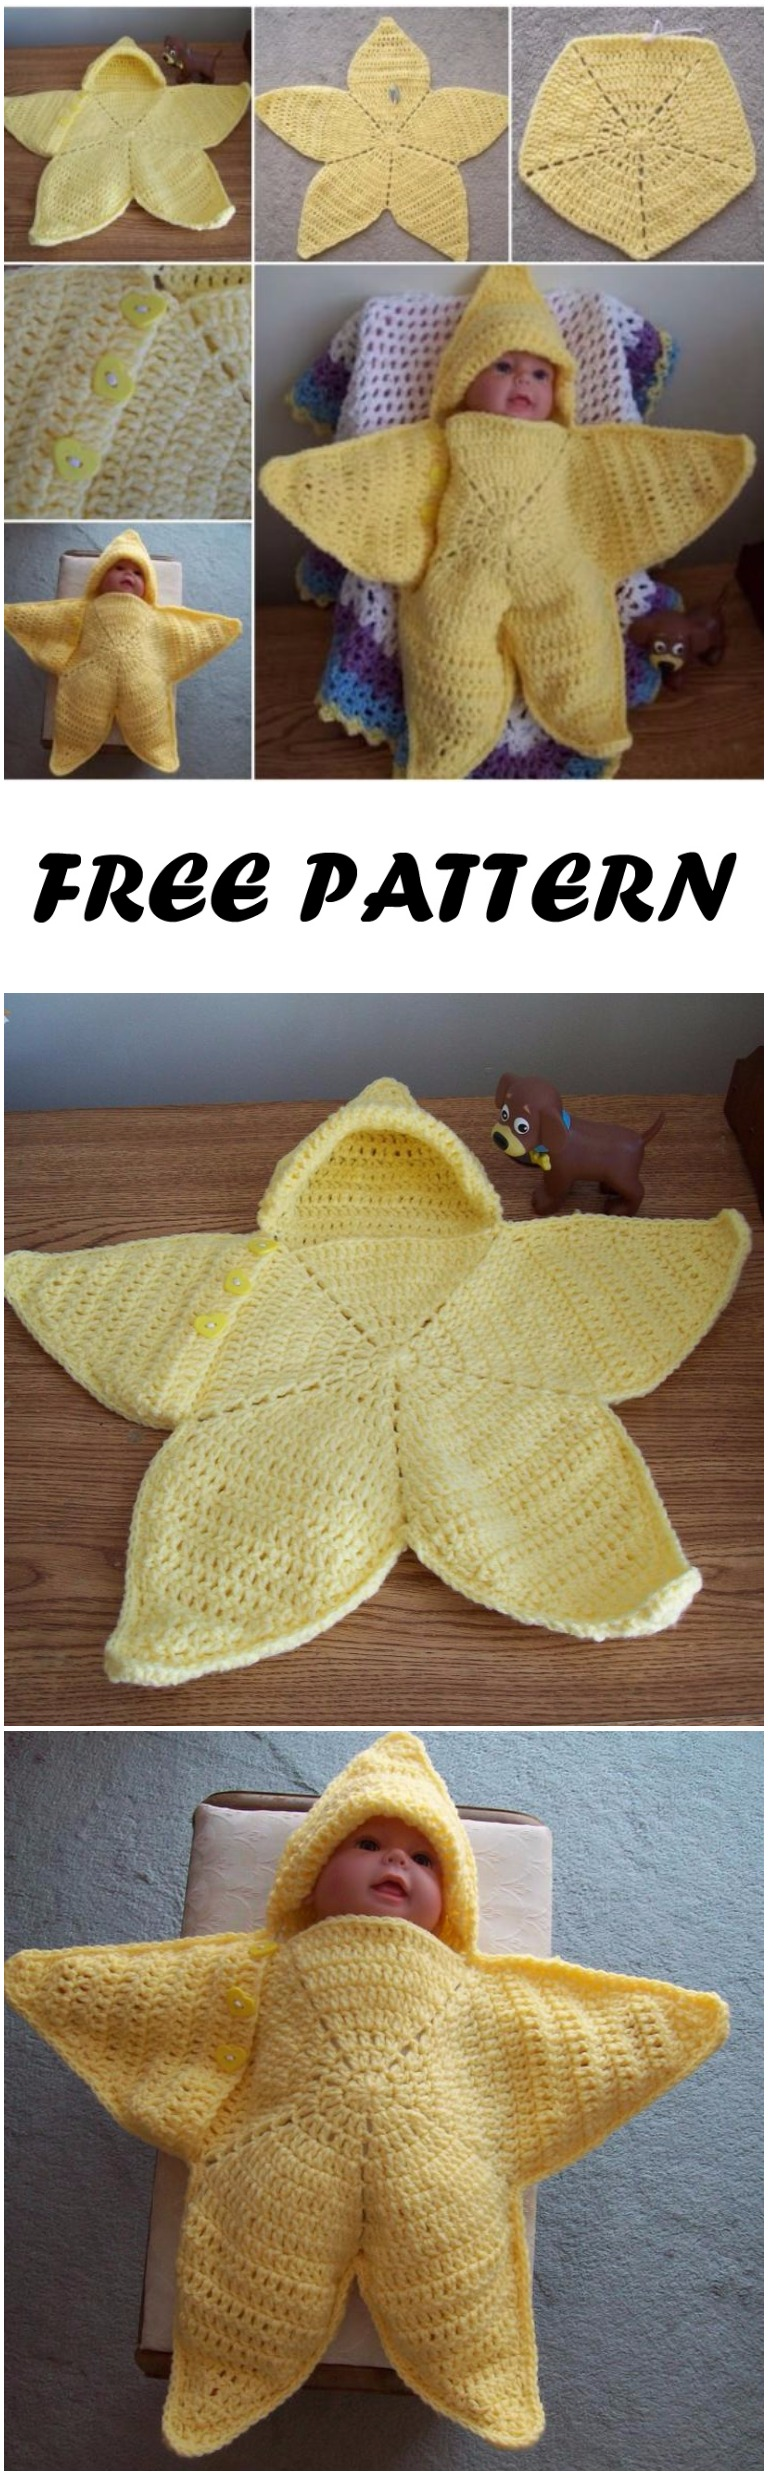 Crochet Baby Bunting Twinkle Little Star Free Pattern Ilove Crochet